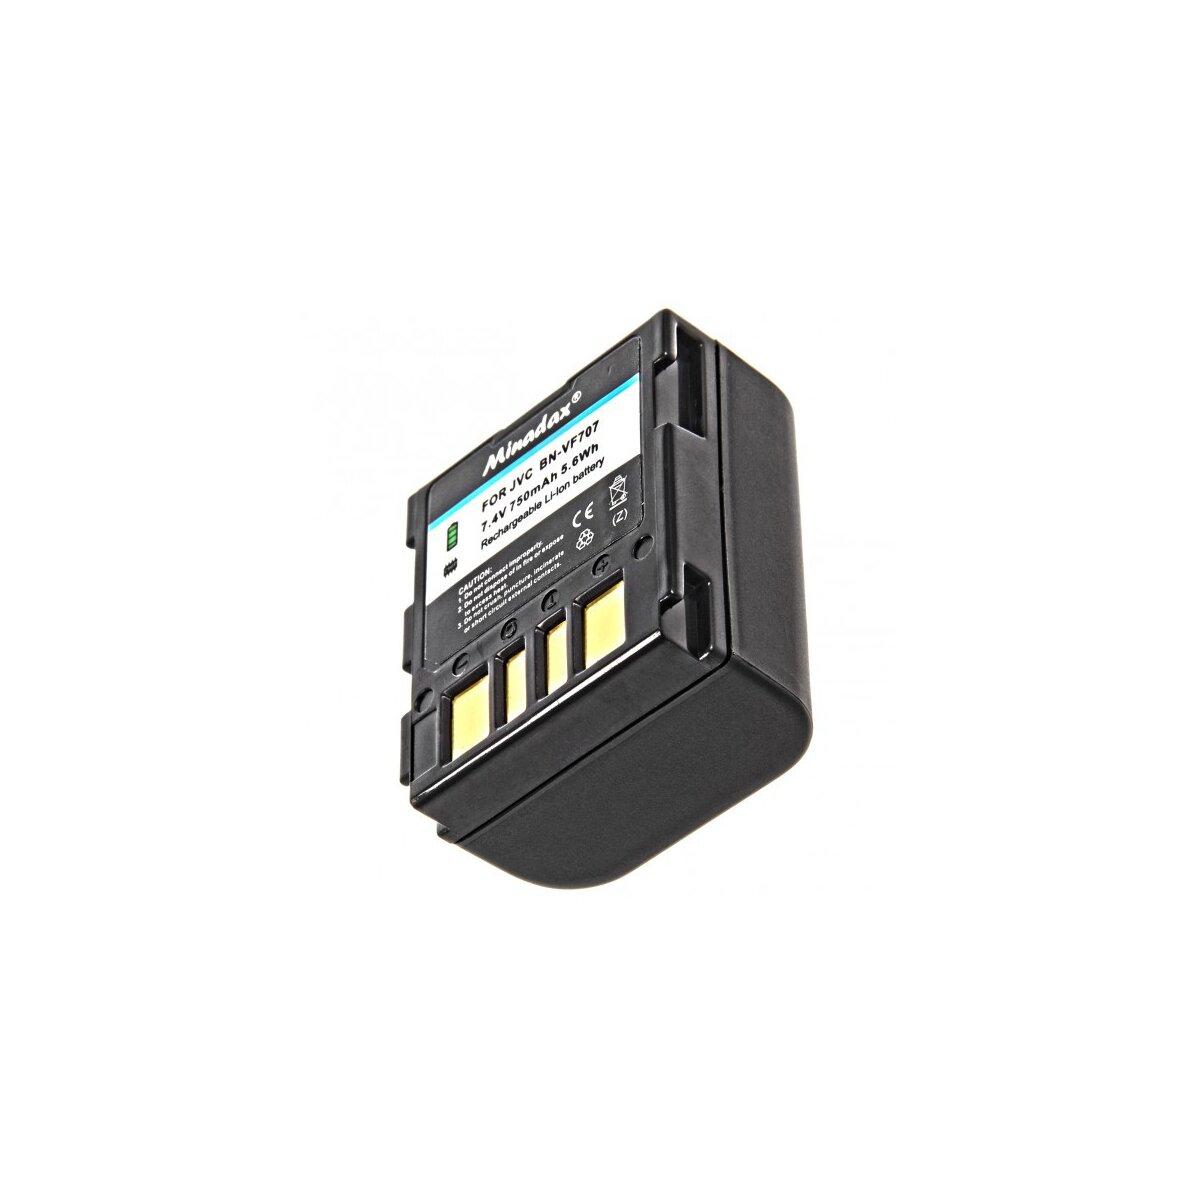 Minadax® Qualitaetsakku mit echten 750 mAh fuer JVC GR-DF420 GR-DF420EX GR-DF425 GR-DF425E GR-DF450 GR-DF450U GR-DF470 GR-DF520 GR-DF540 GR-DF540EX GR-DF550 GR-DF565 GR-DF 570 GR-DF590, wie BN-VF707 - Intelligentes Akkusystem mit Chip